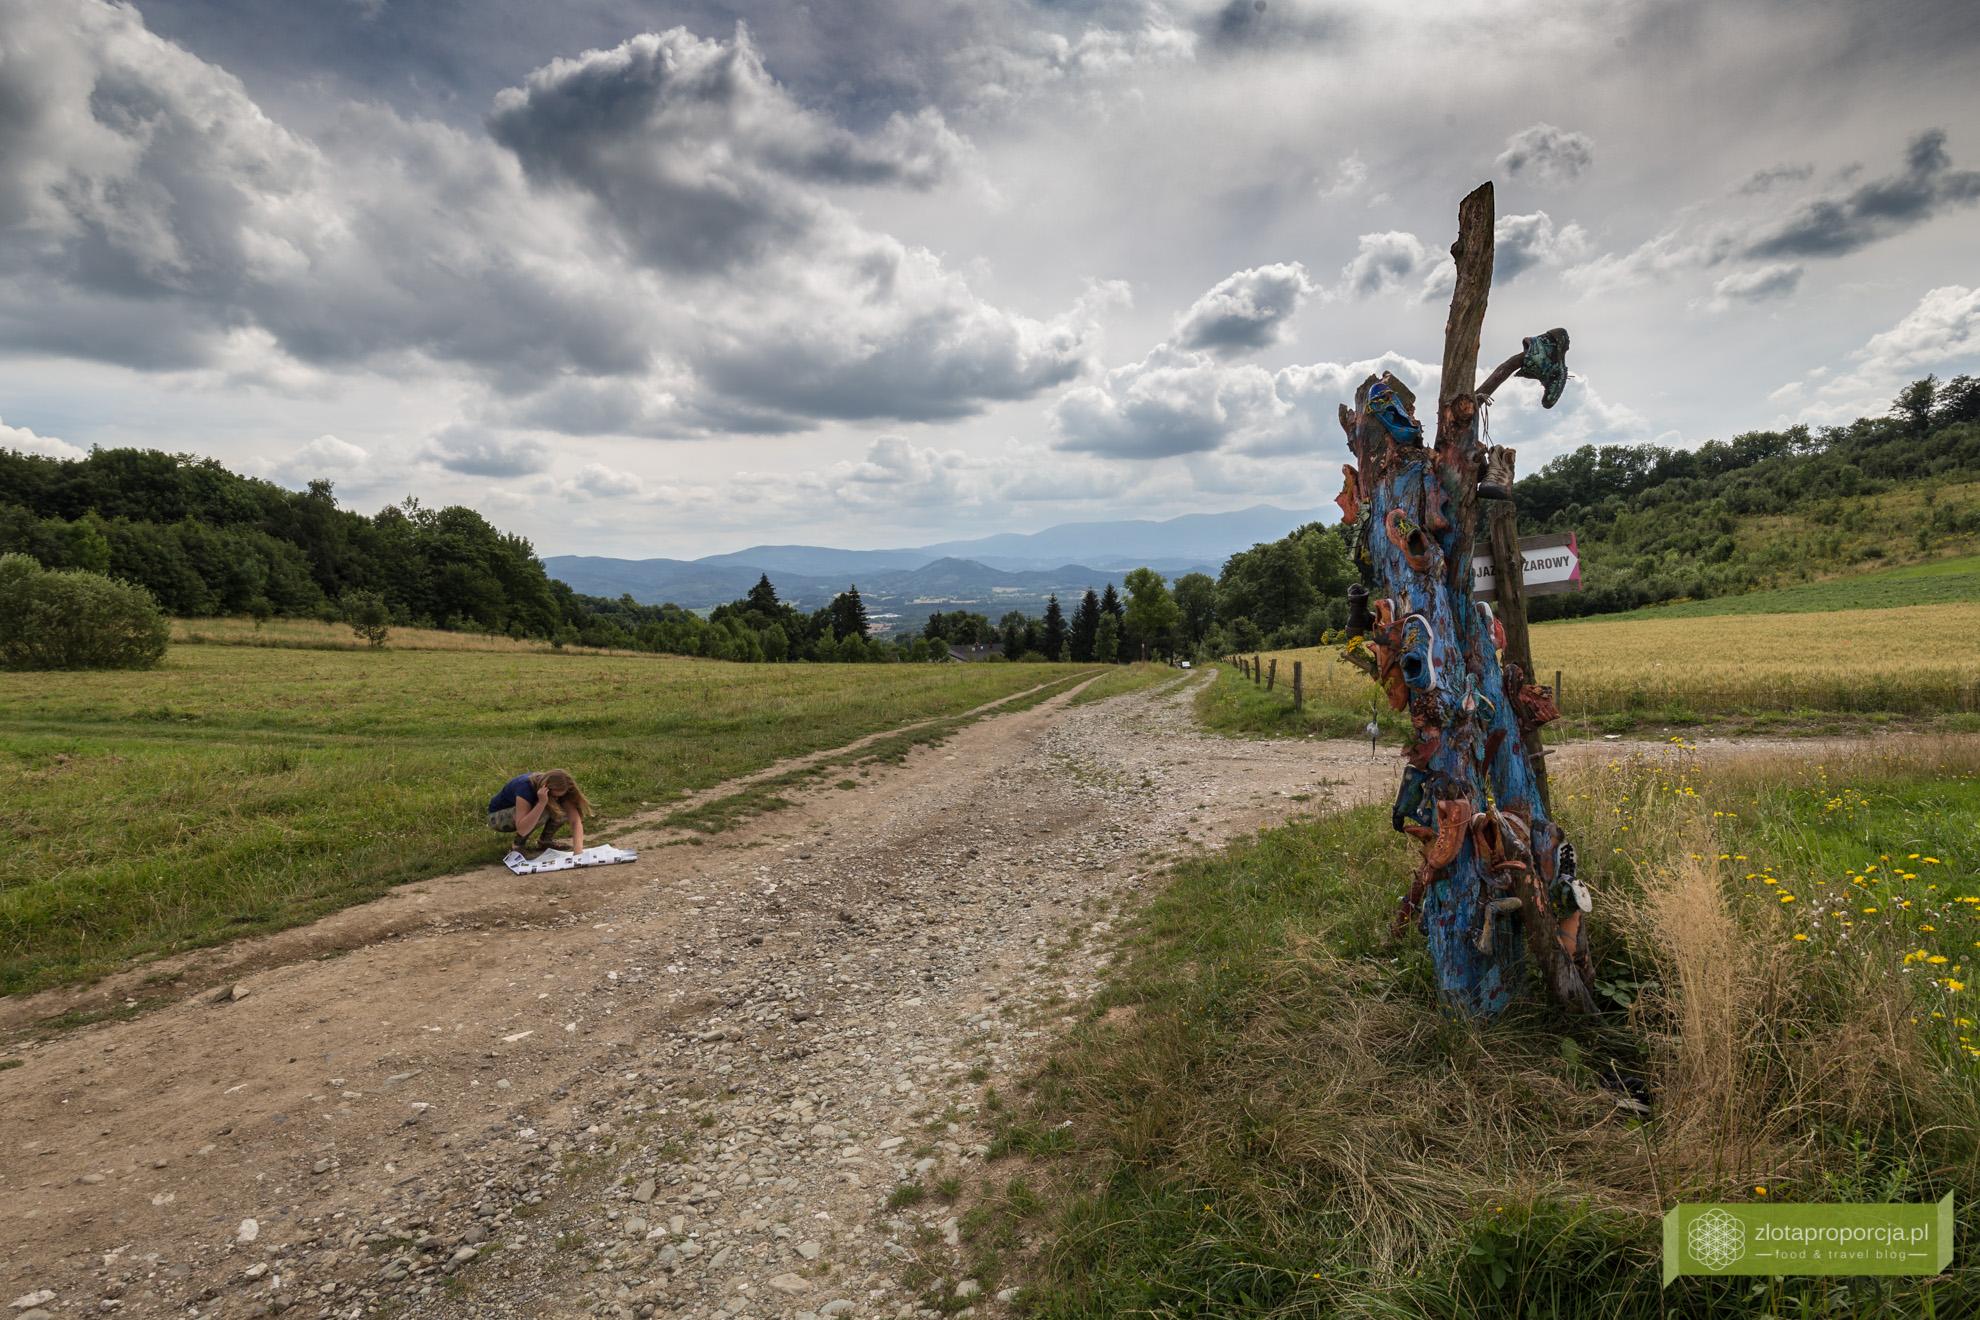 Kraina Wygasłych Wulkanów, Góry Kaczawskie, Skopiec